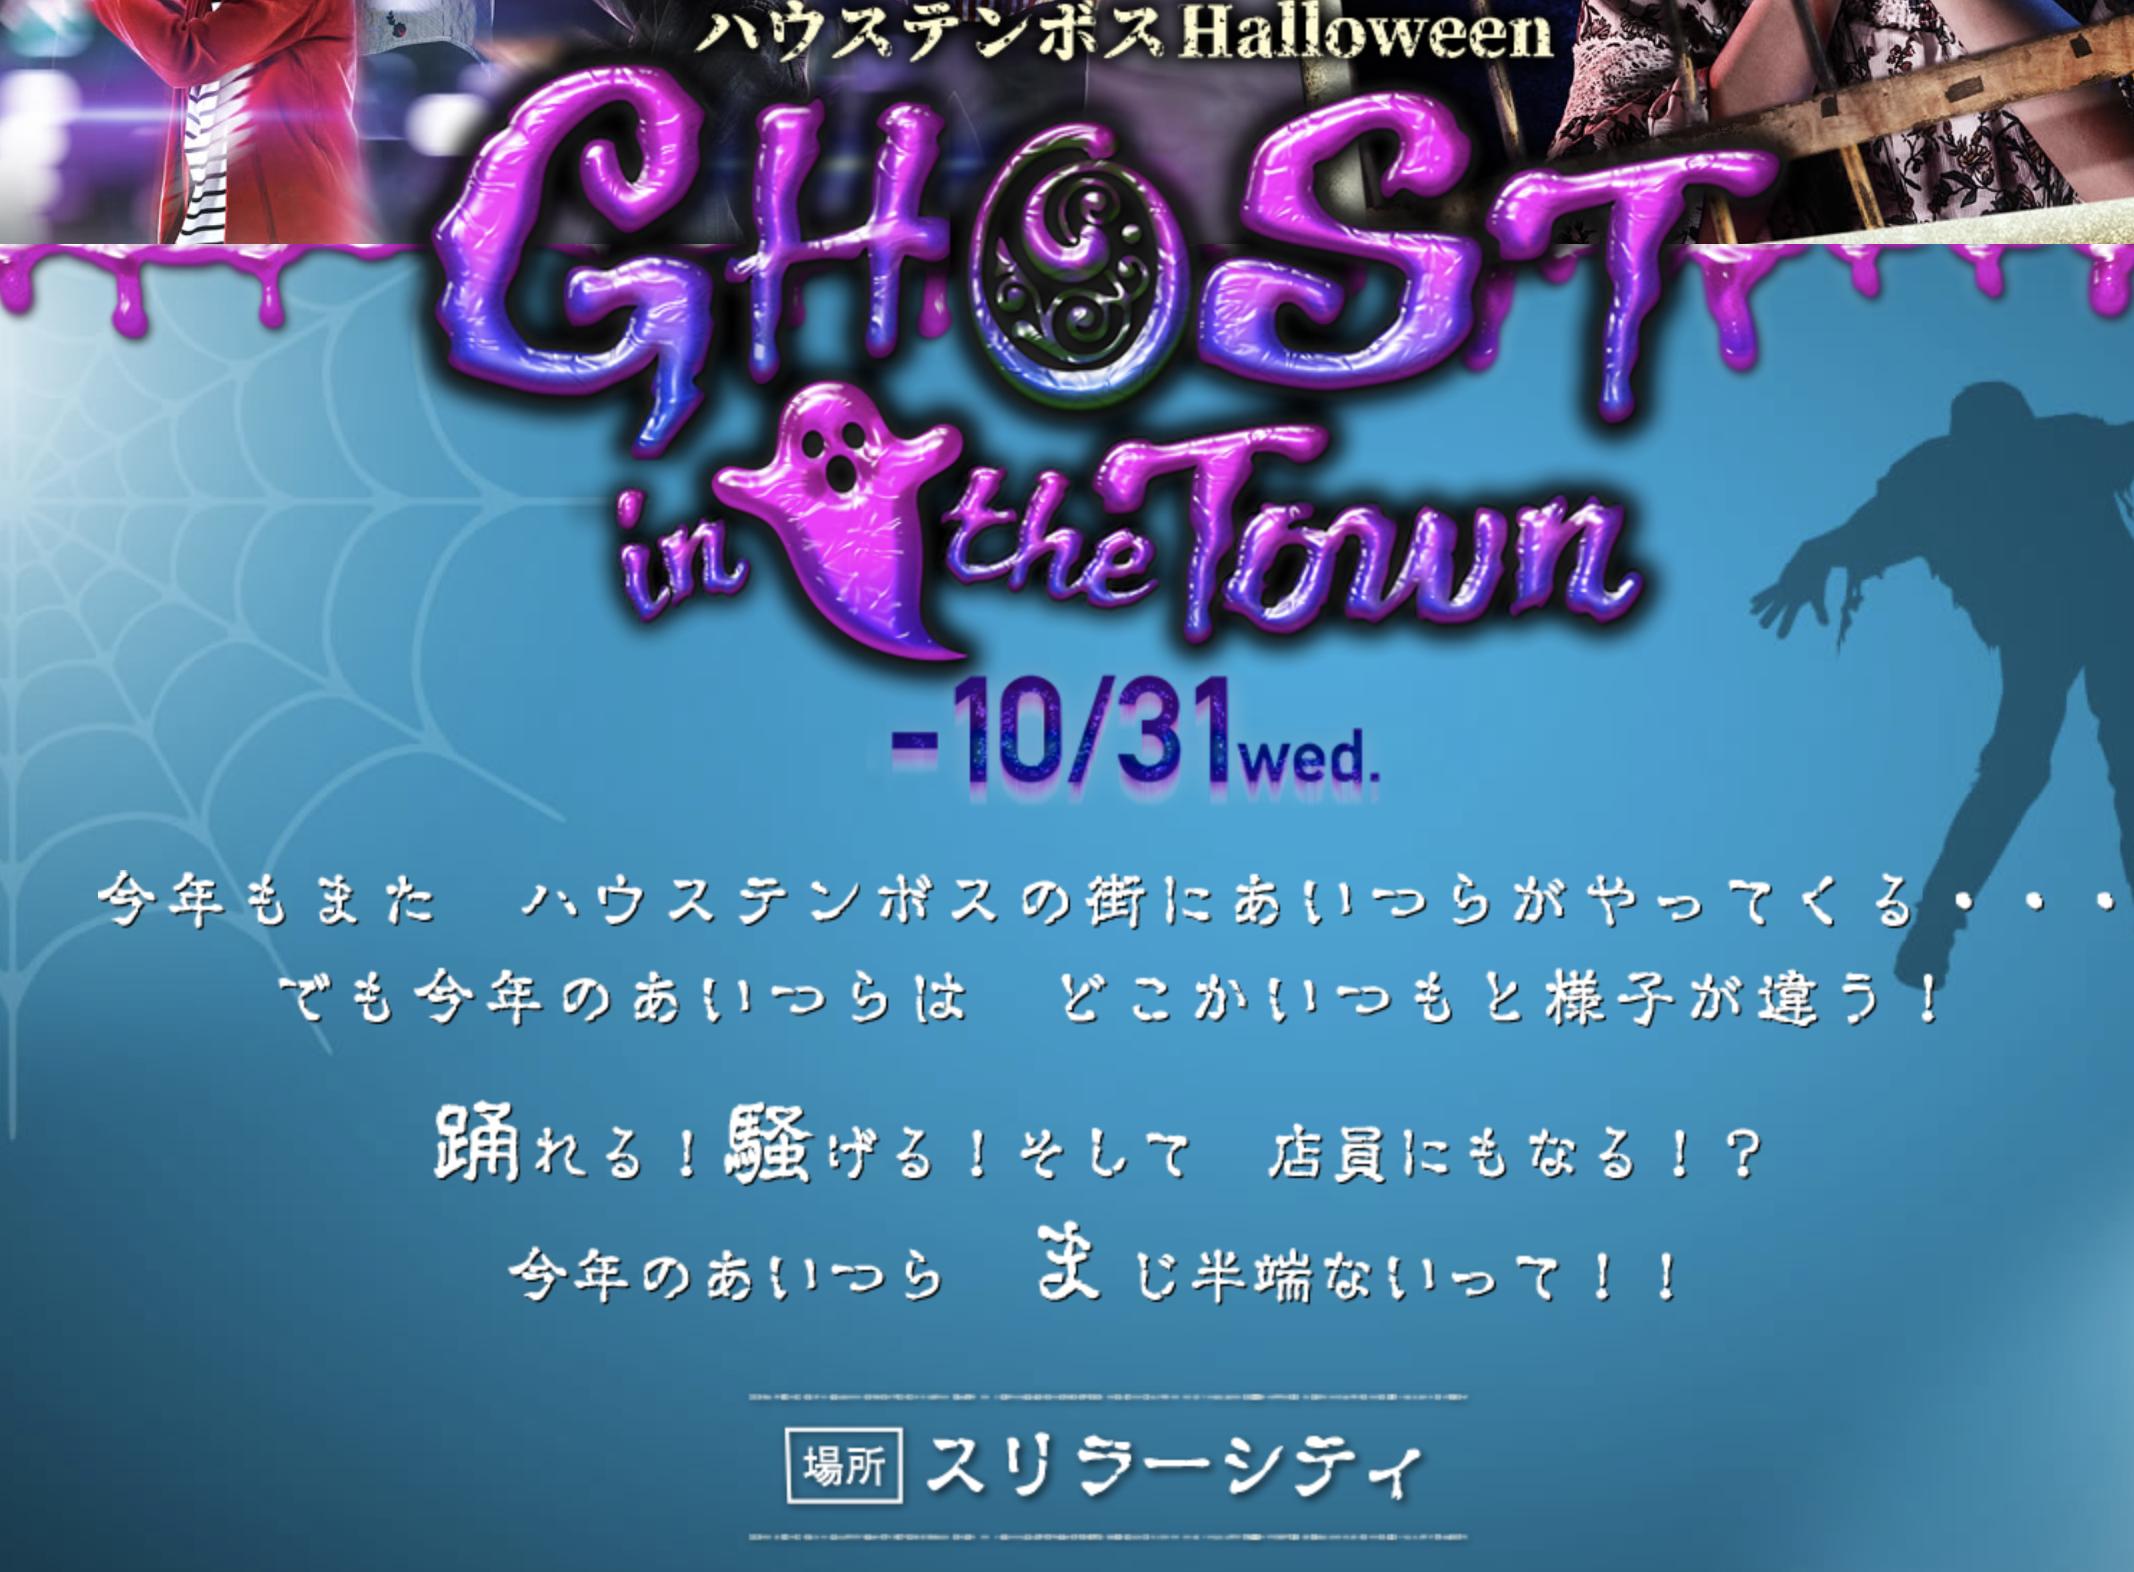 記事「ハロウィーンはゾンビとダンス!「ハウステンボスHalloween GHOST in the Town」」の画像